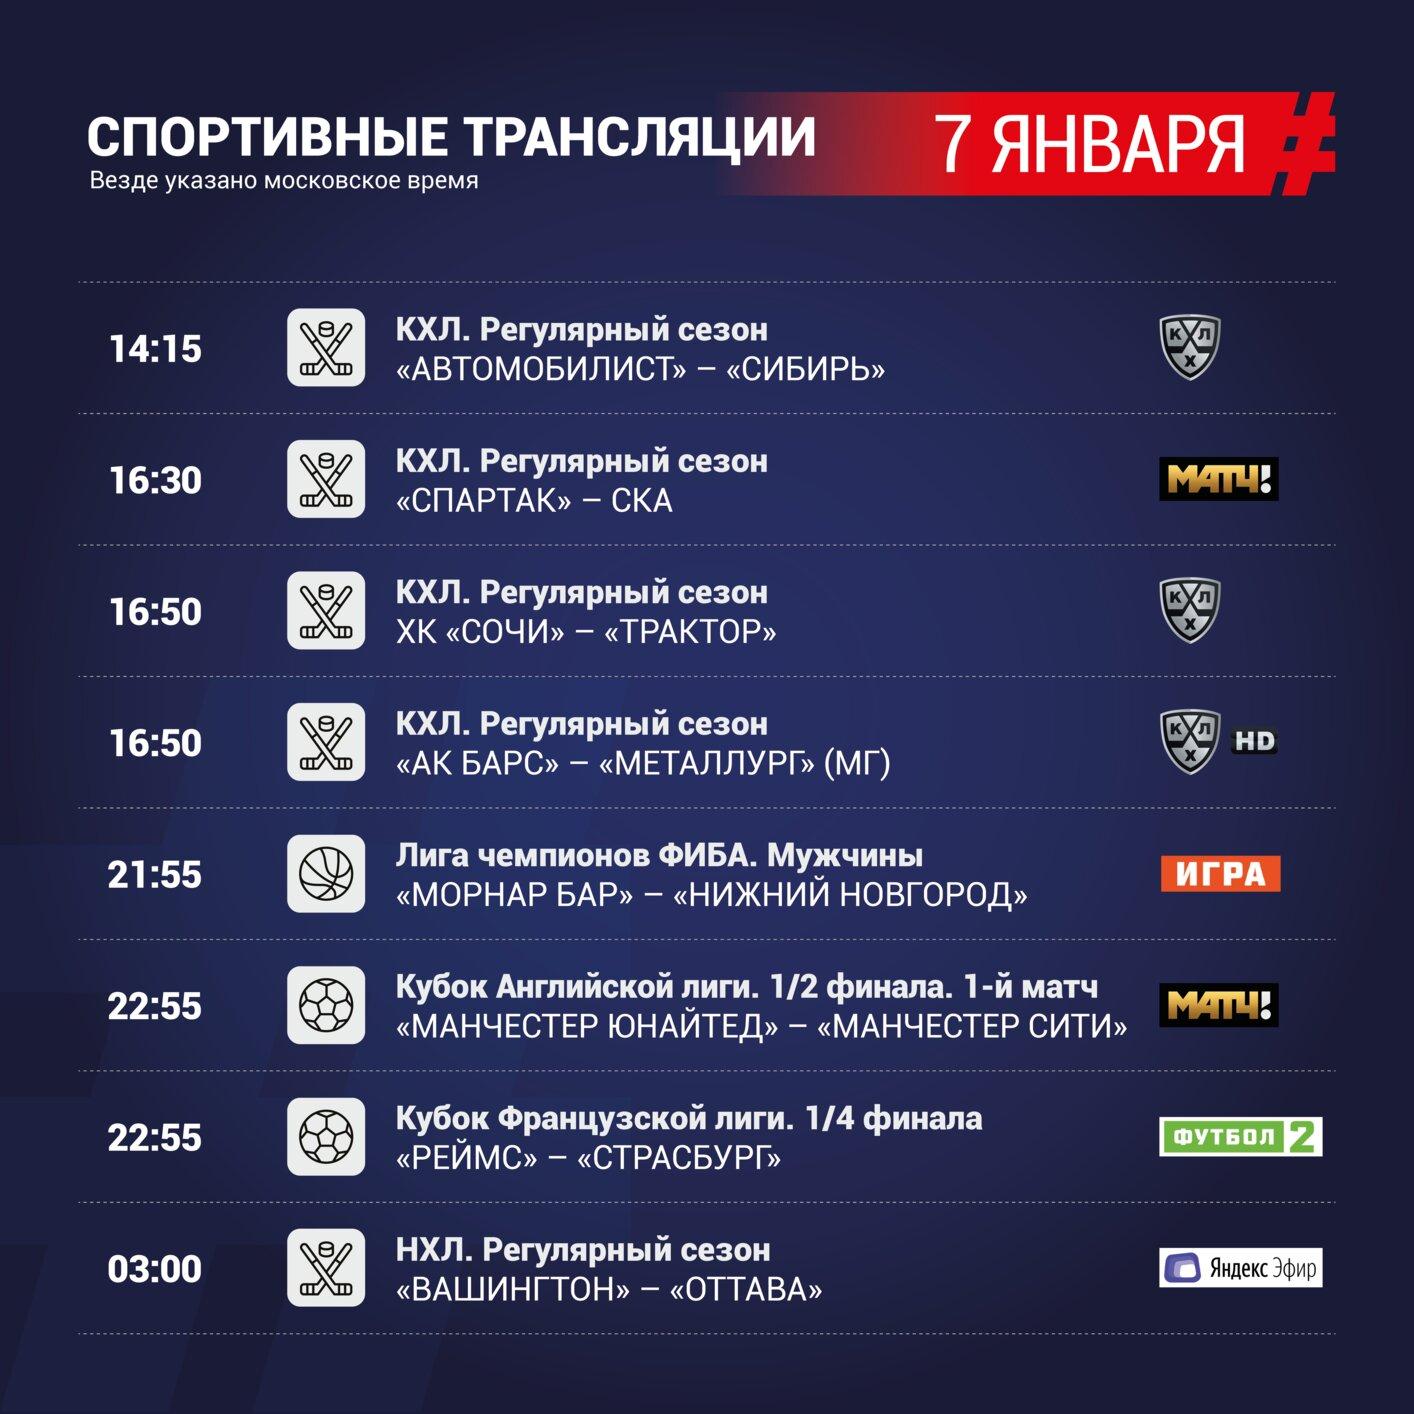 Спортивная телепрограмма матч тв